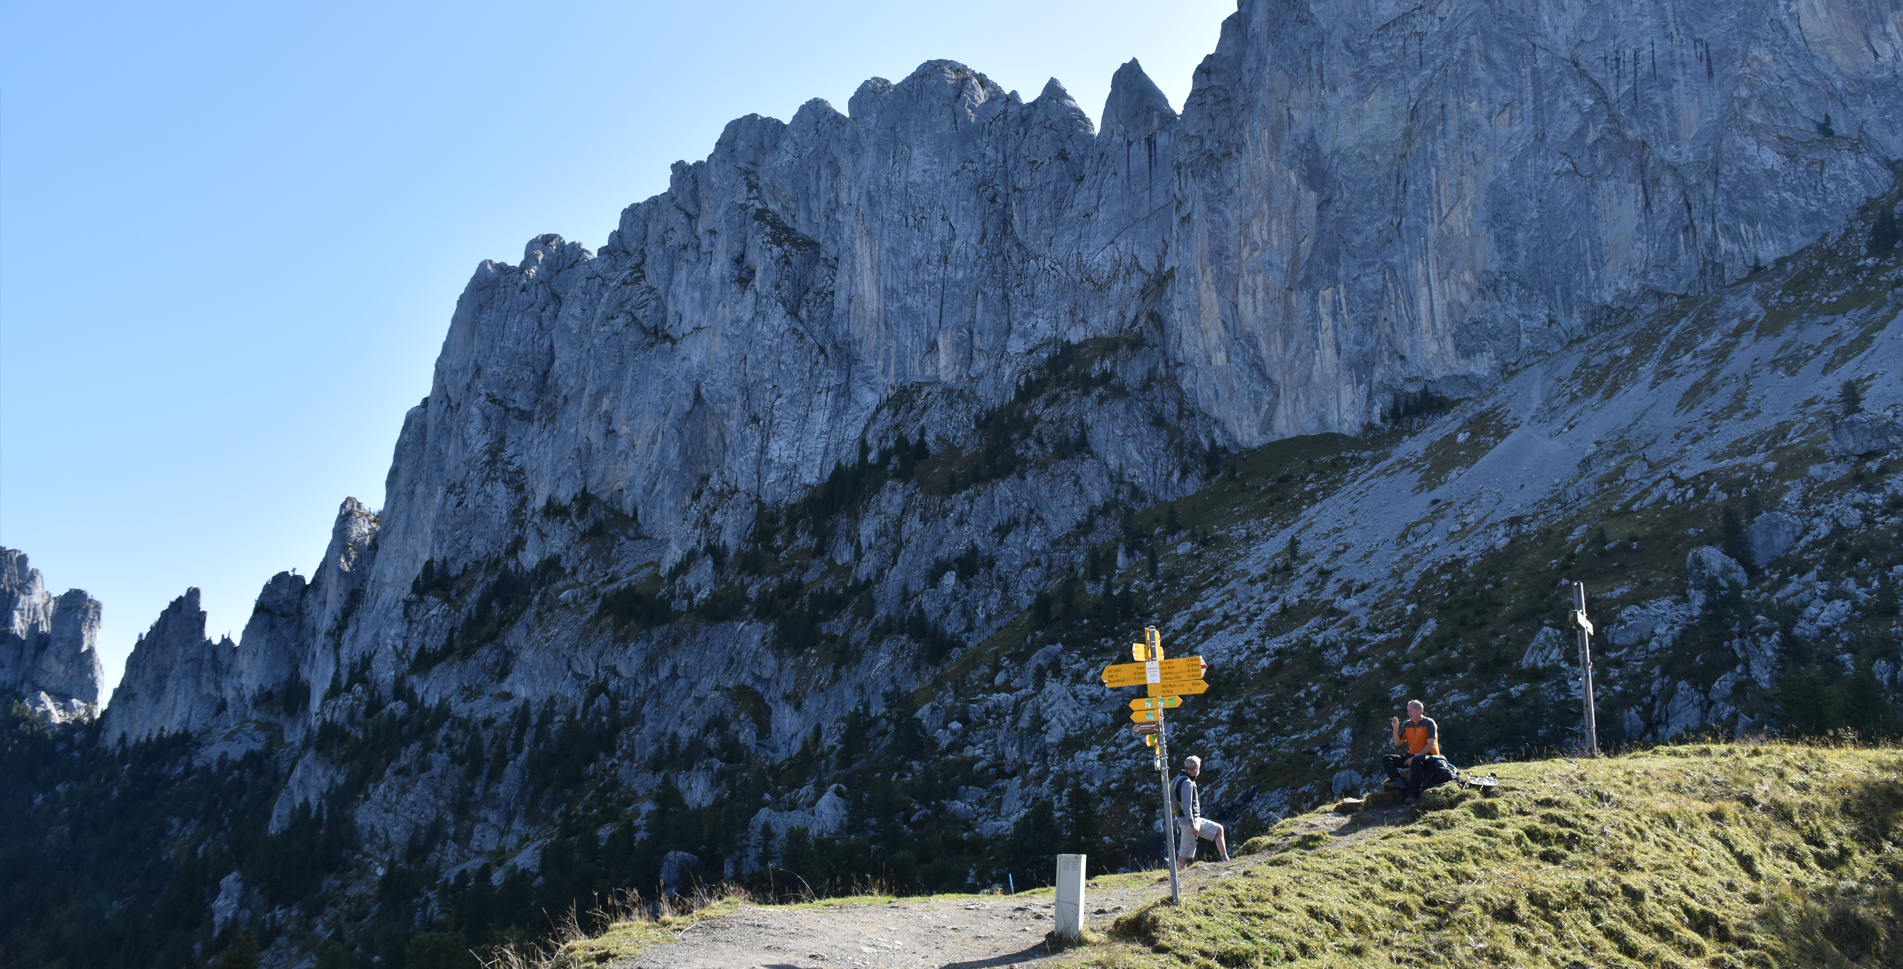 Wanderung rund um die Gastlosen vom Musersbergli, oberhalb Jaun, via Soldatenhaus / Chalet du Soldat, Wolfs Ort, Chalet Grat